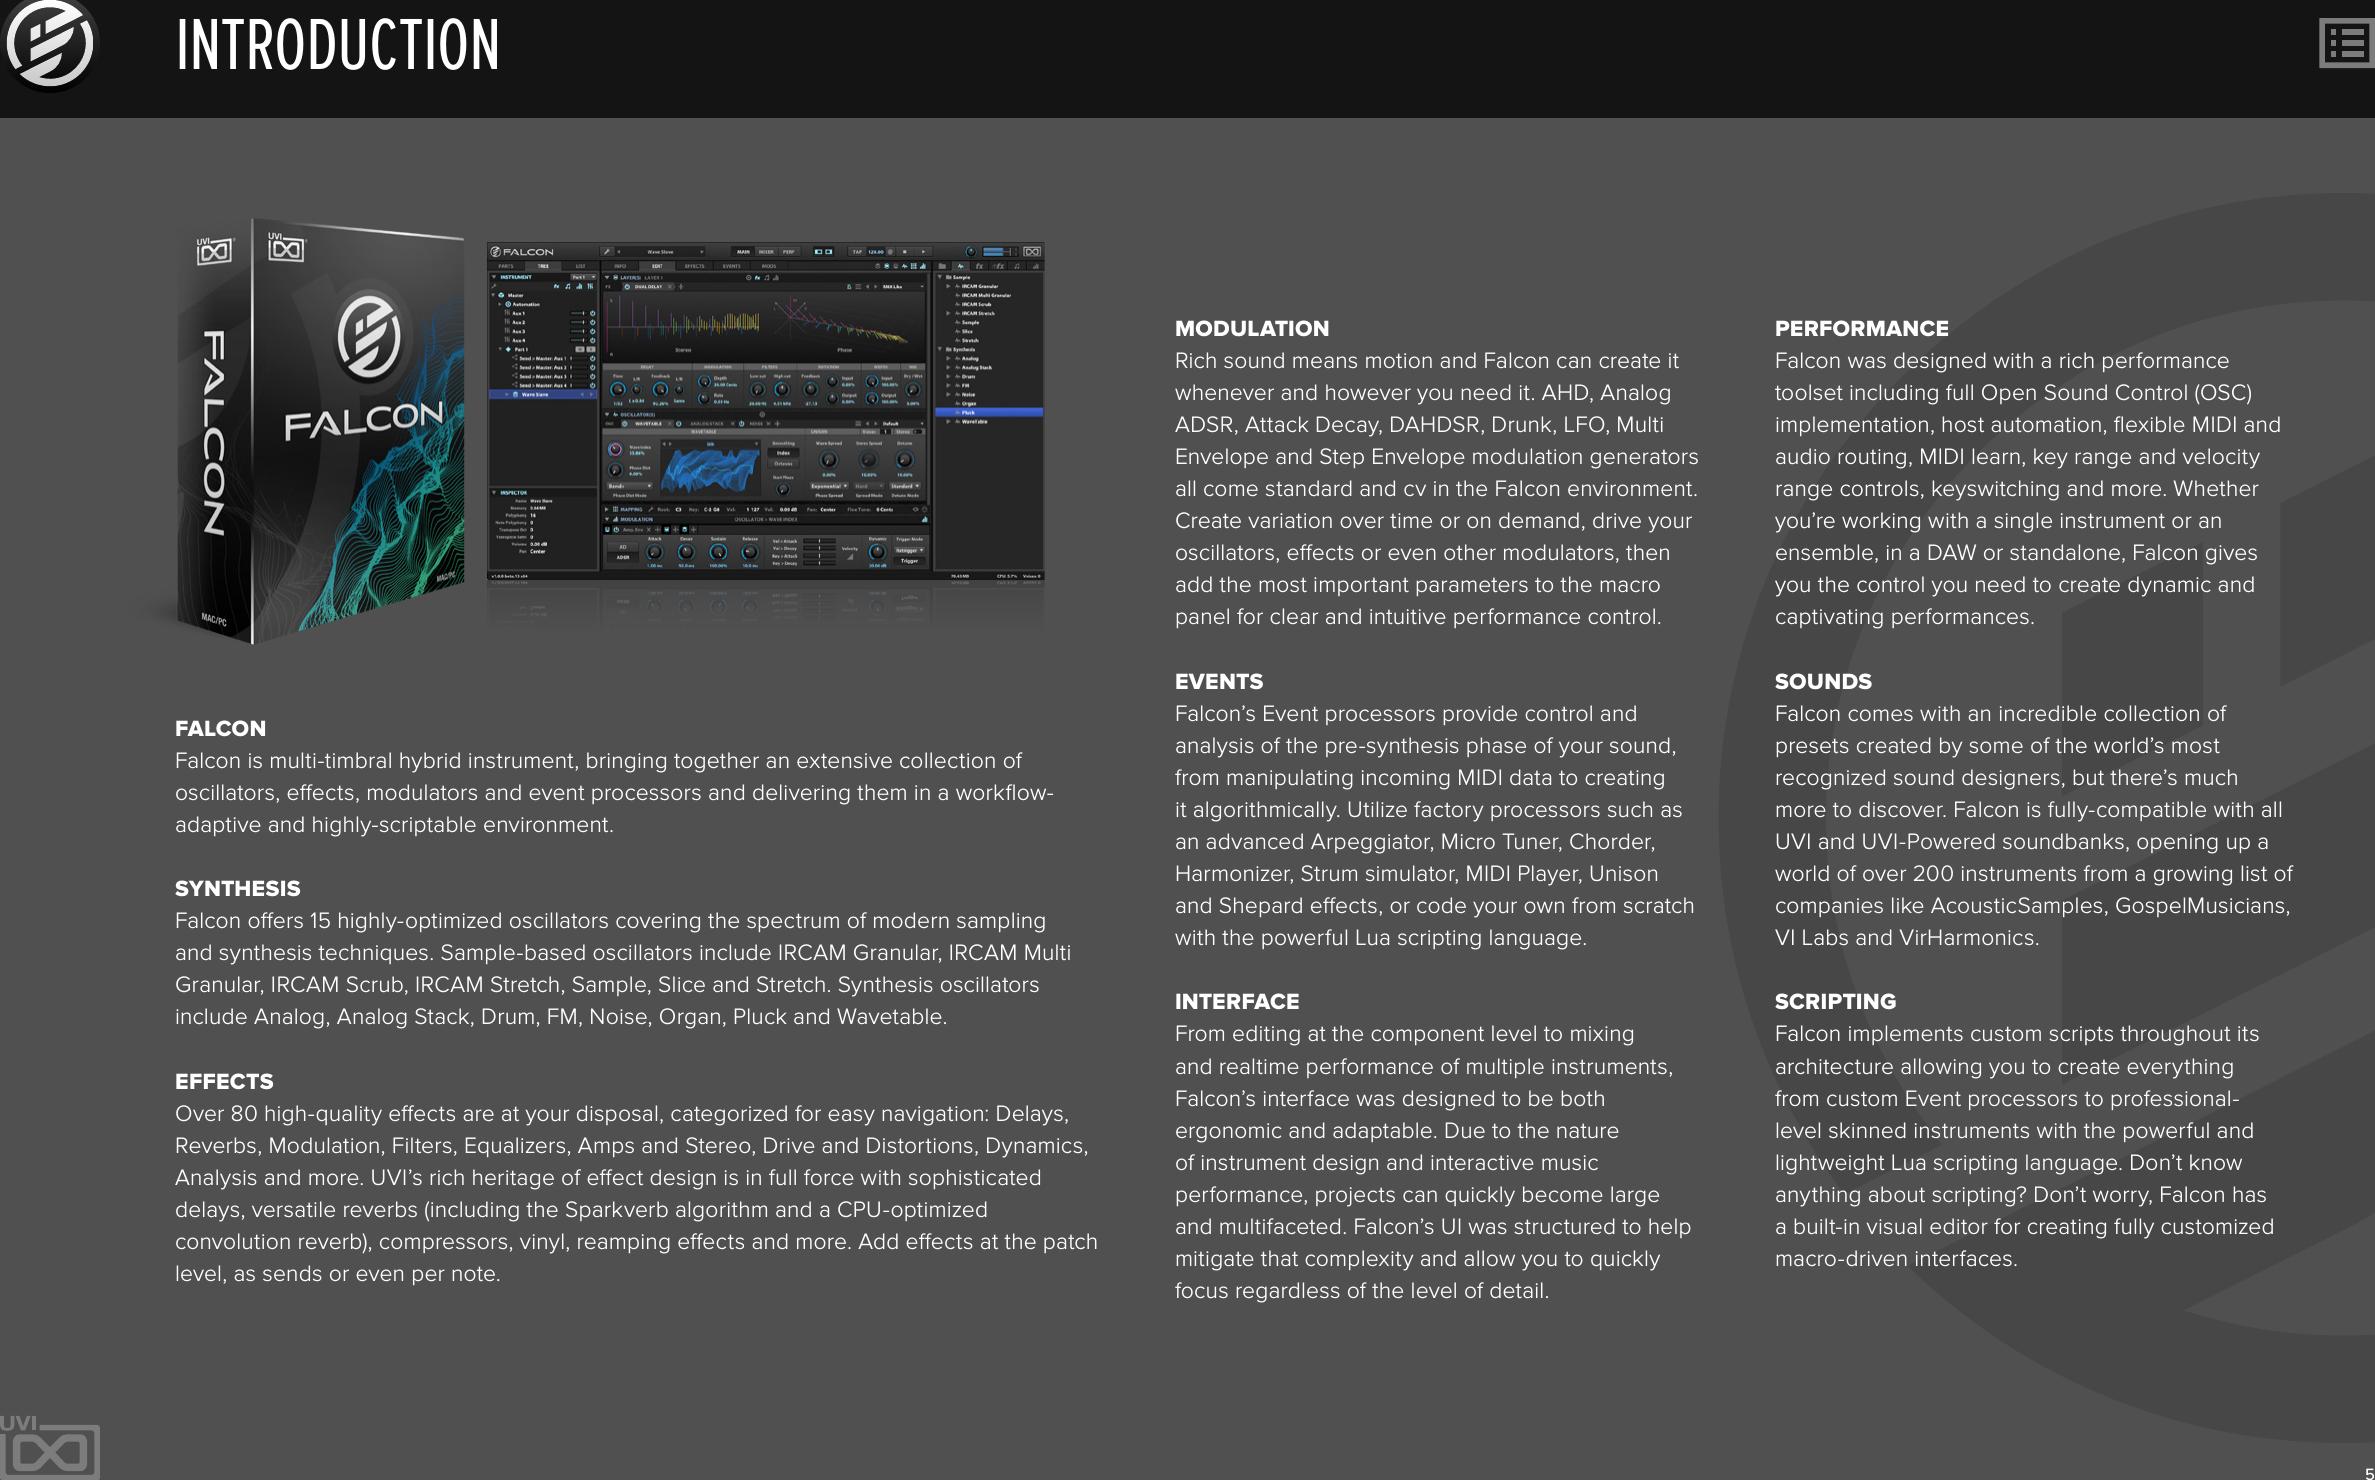 Uvi Falcon Manual | Software User